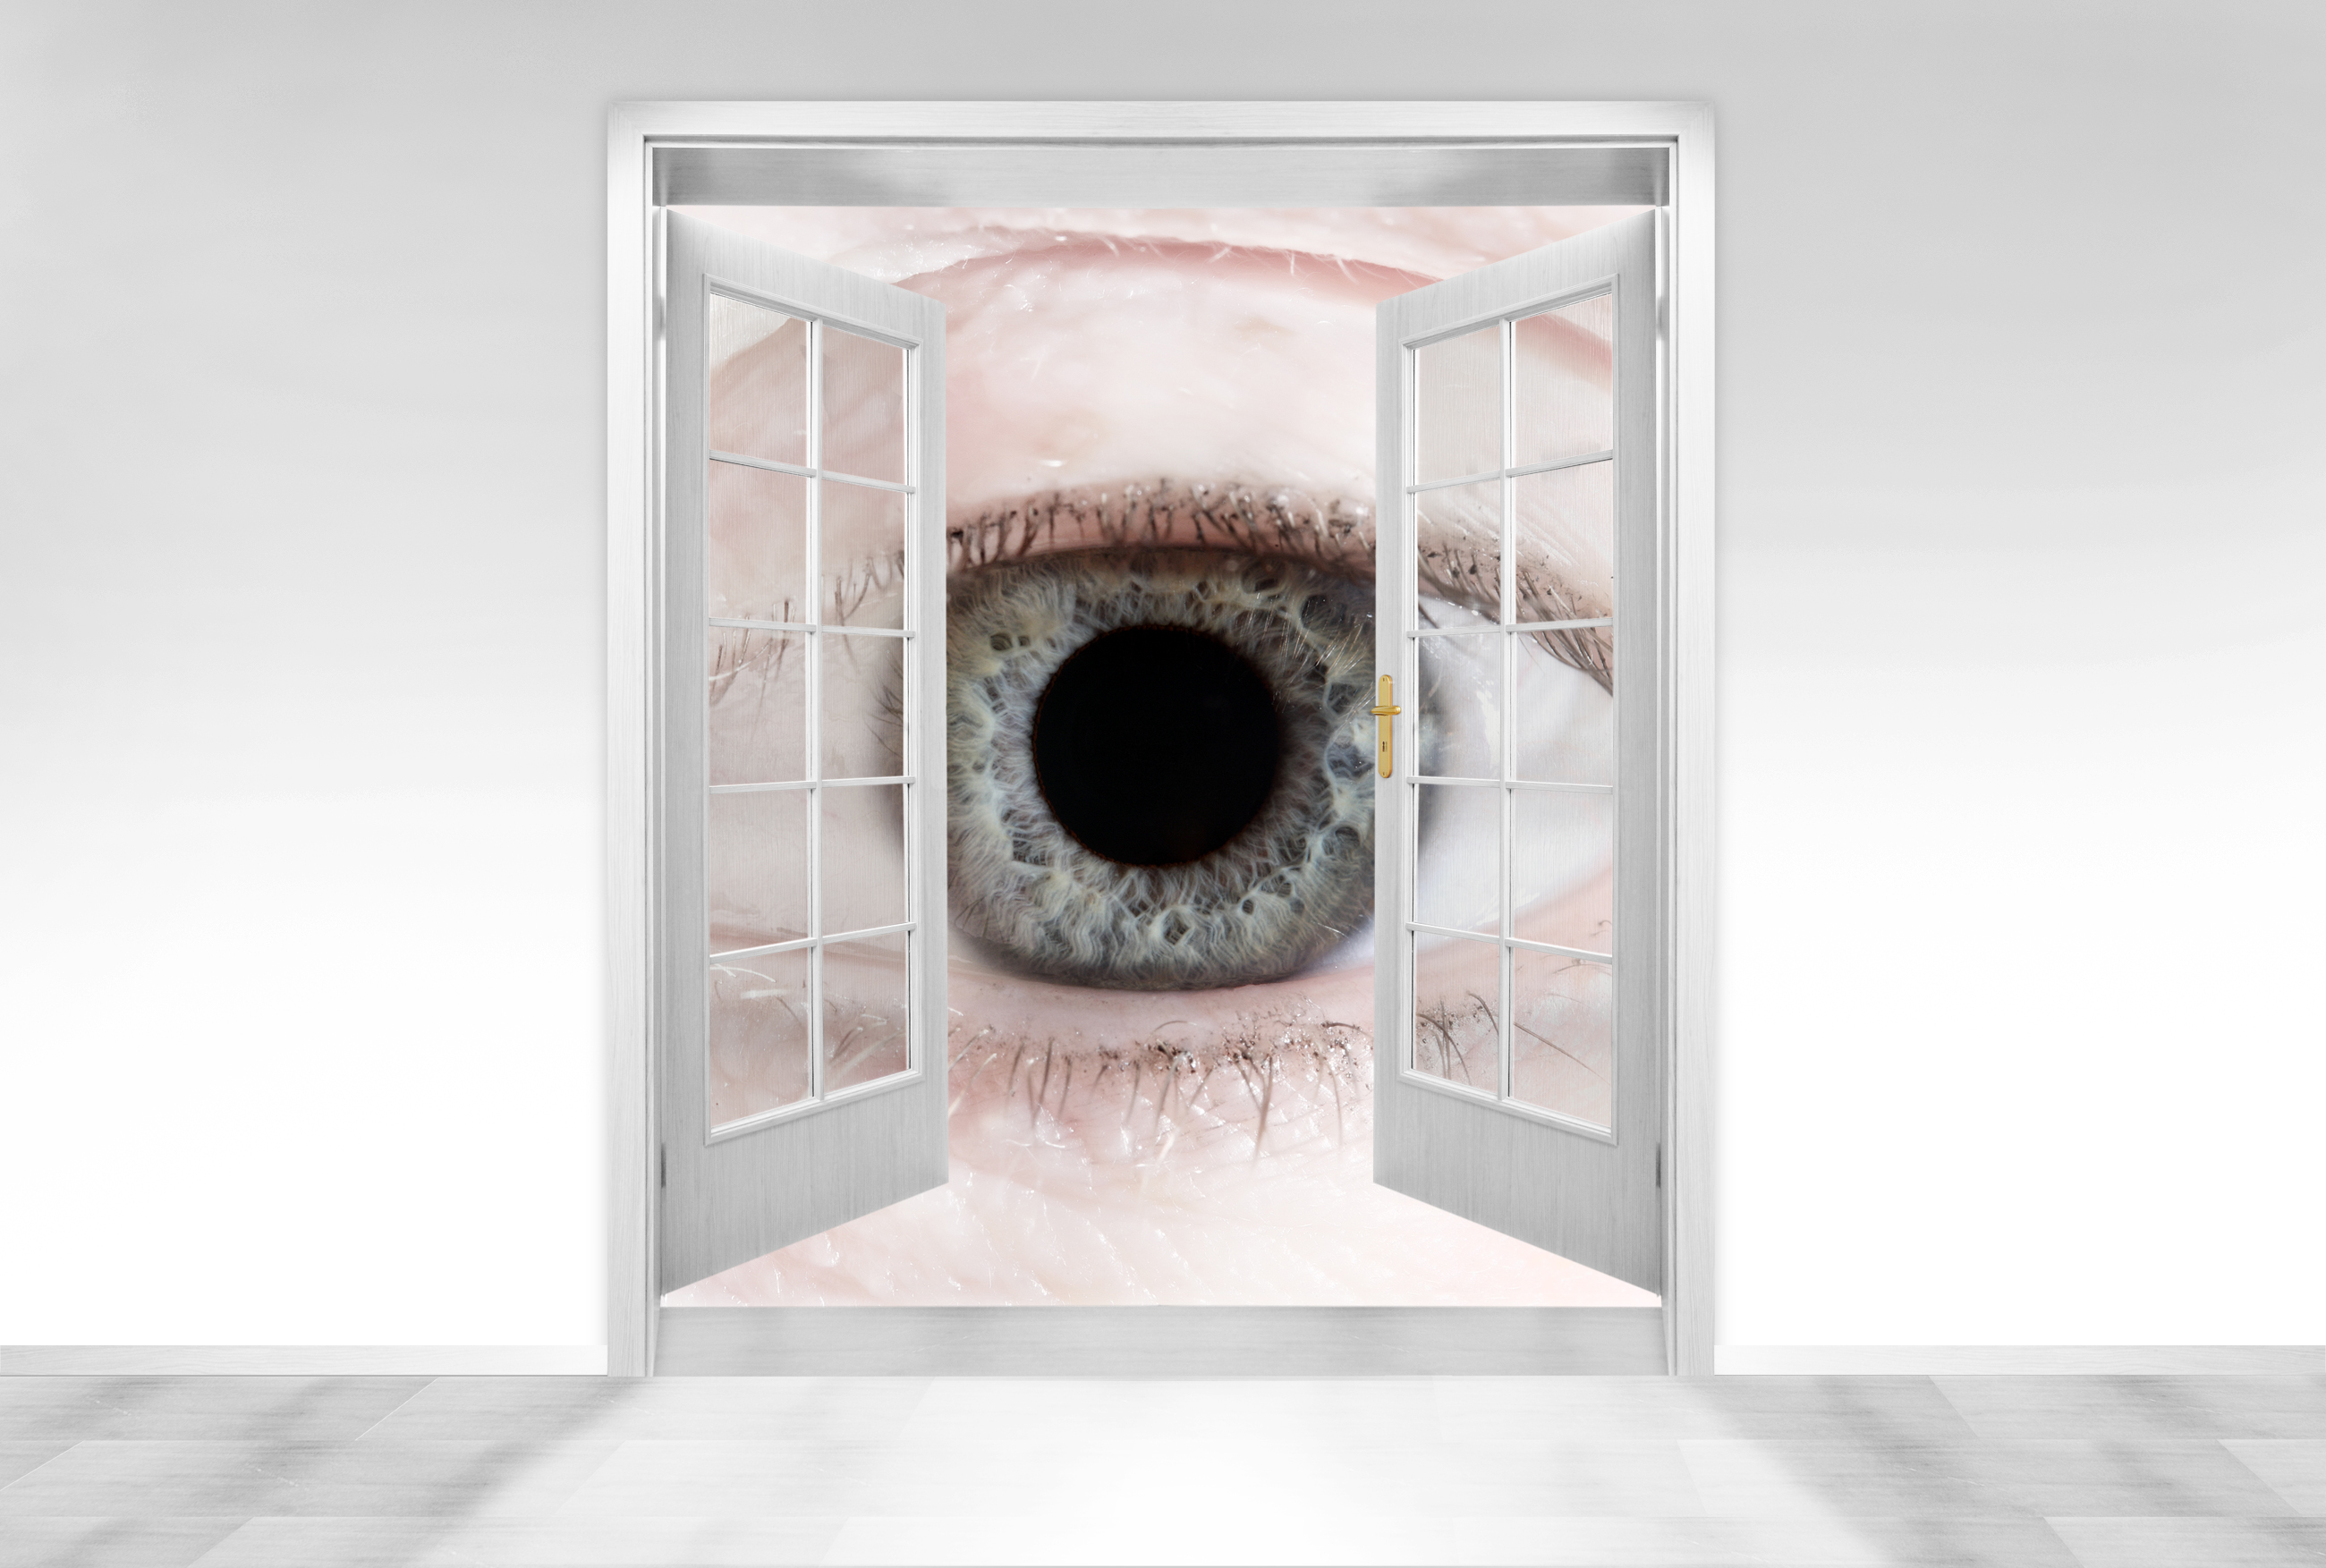 hidden-home-security-cameras-monitoring